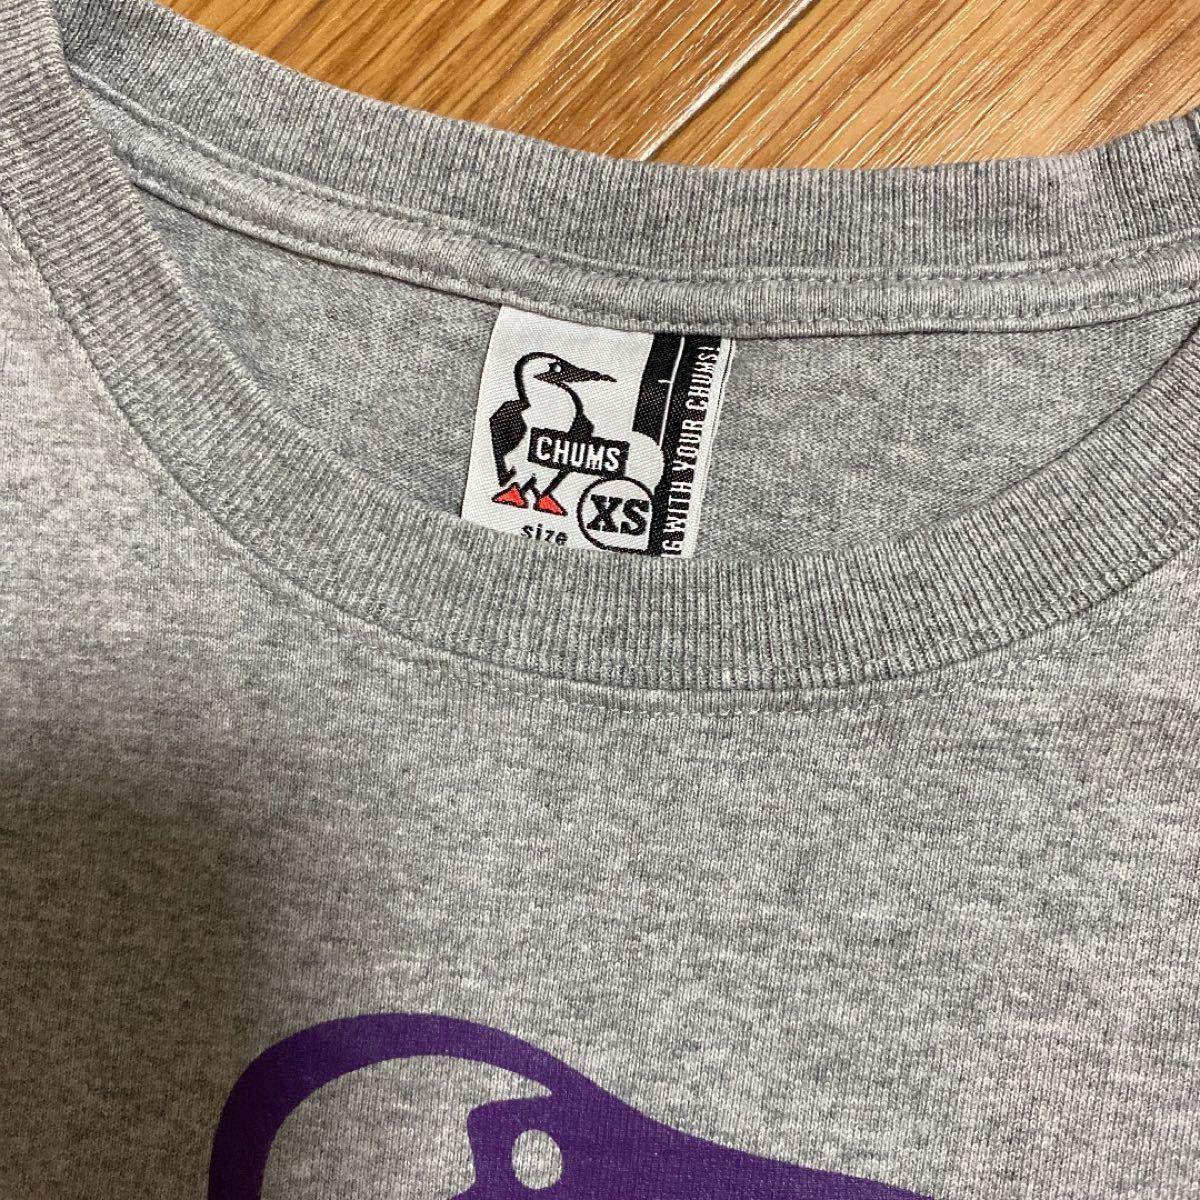 CHUMS ロゴTシャツ